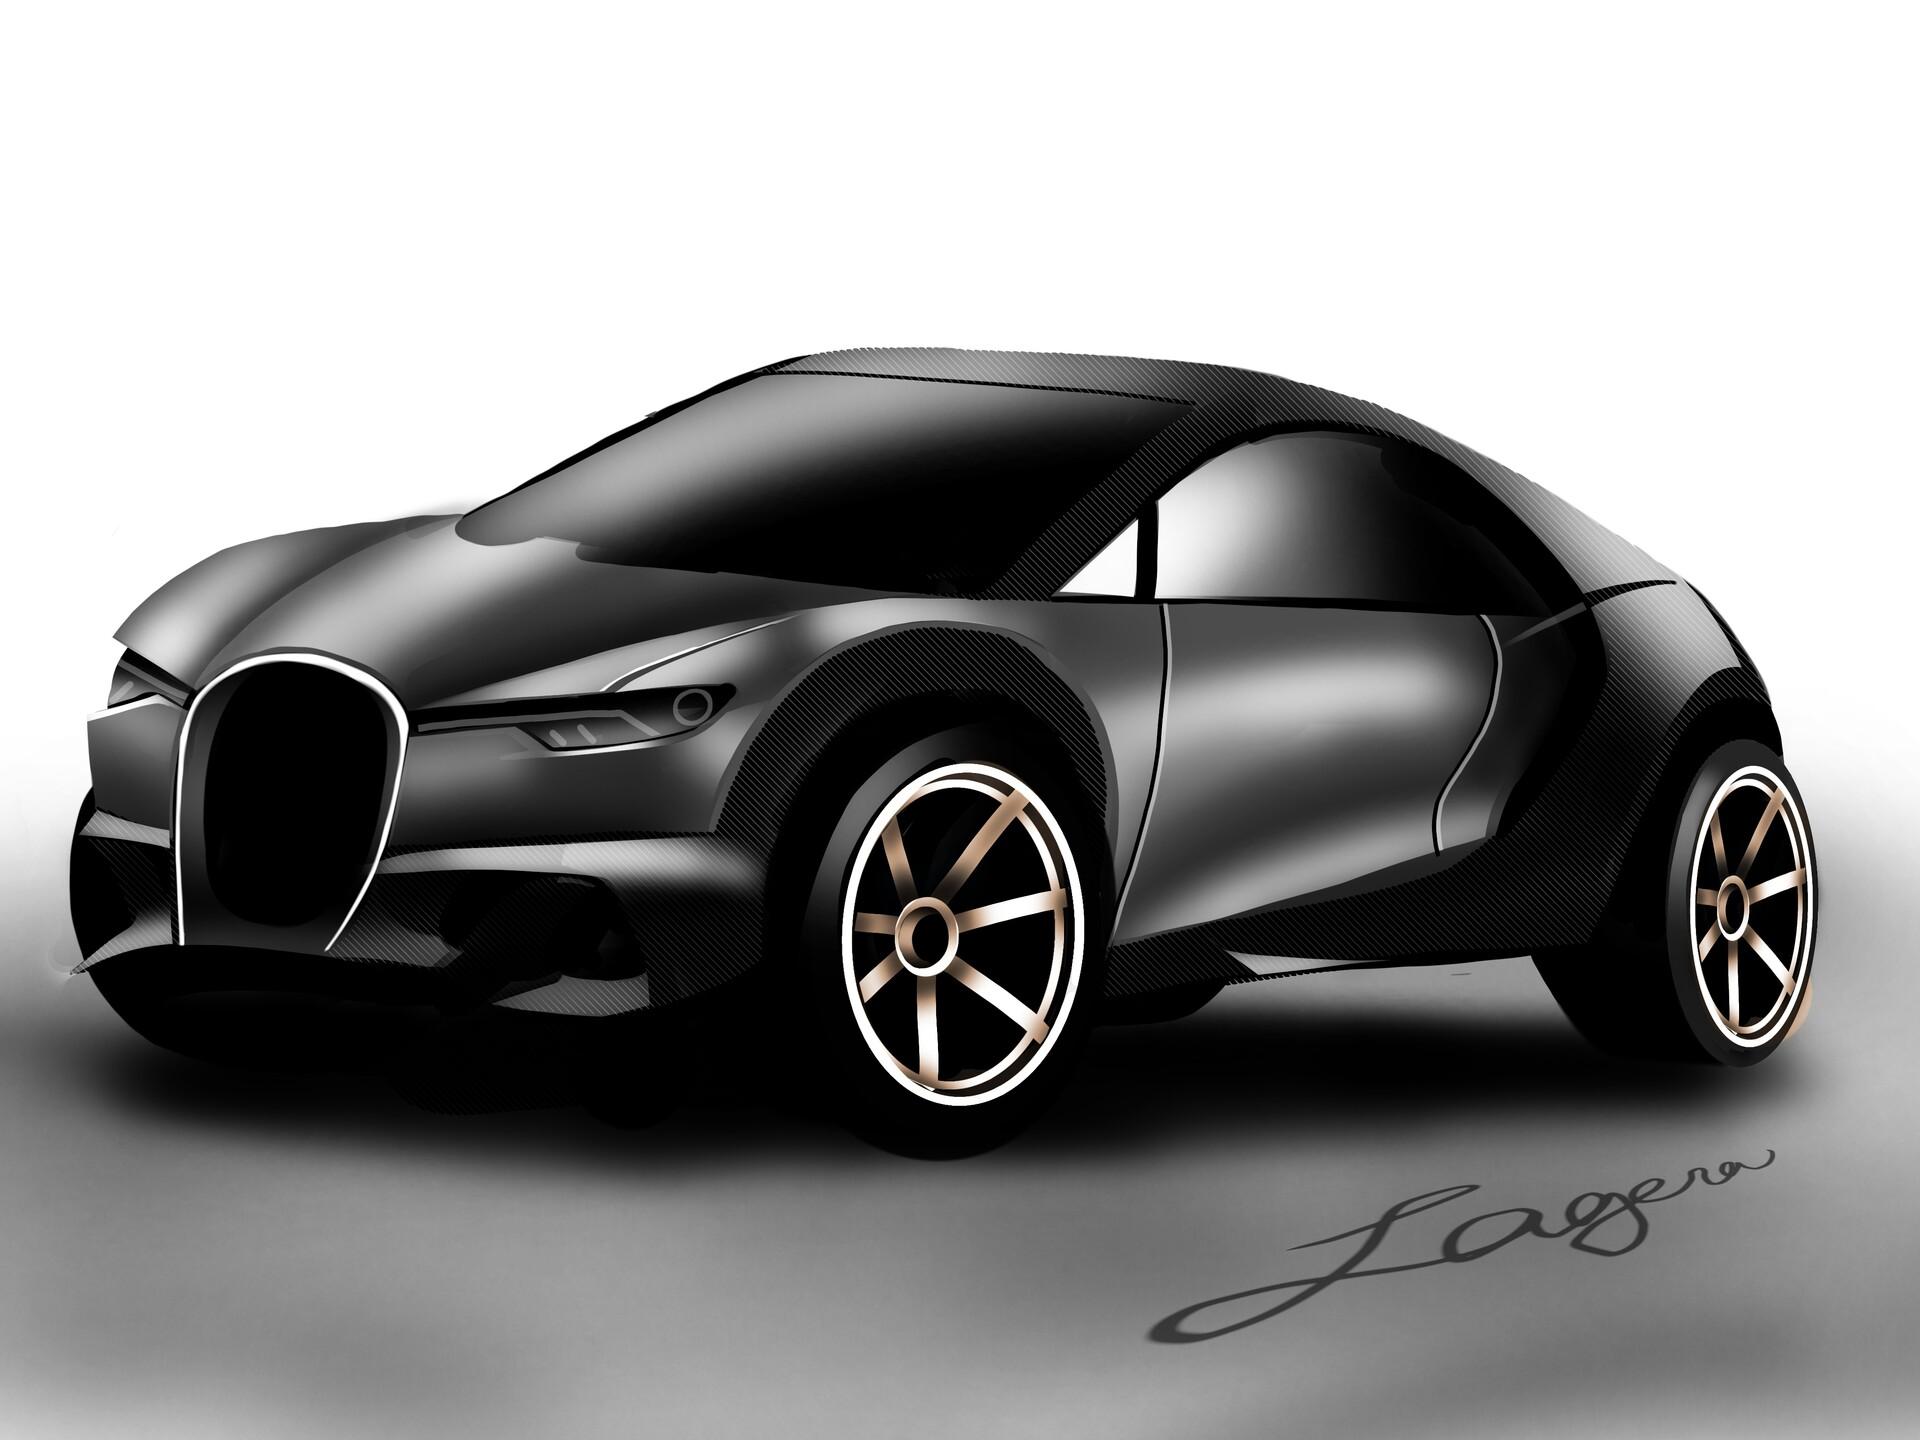 ArtStation - Bugatti SUV Concept, Patrick Lagera